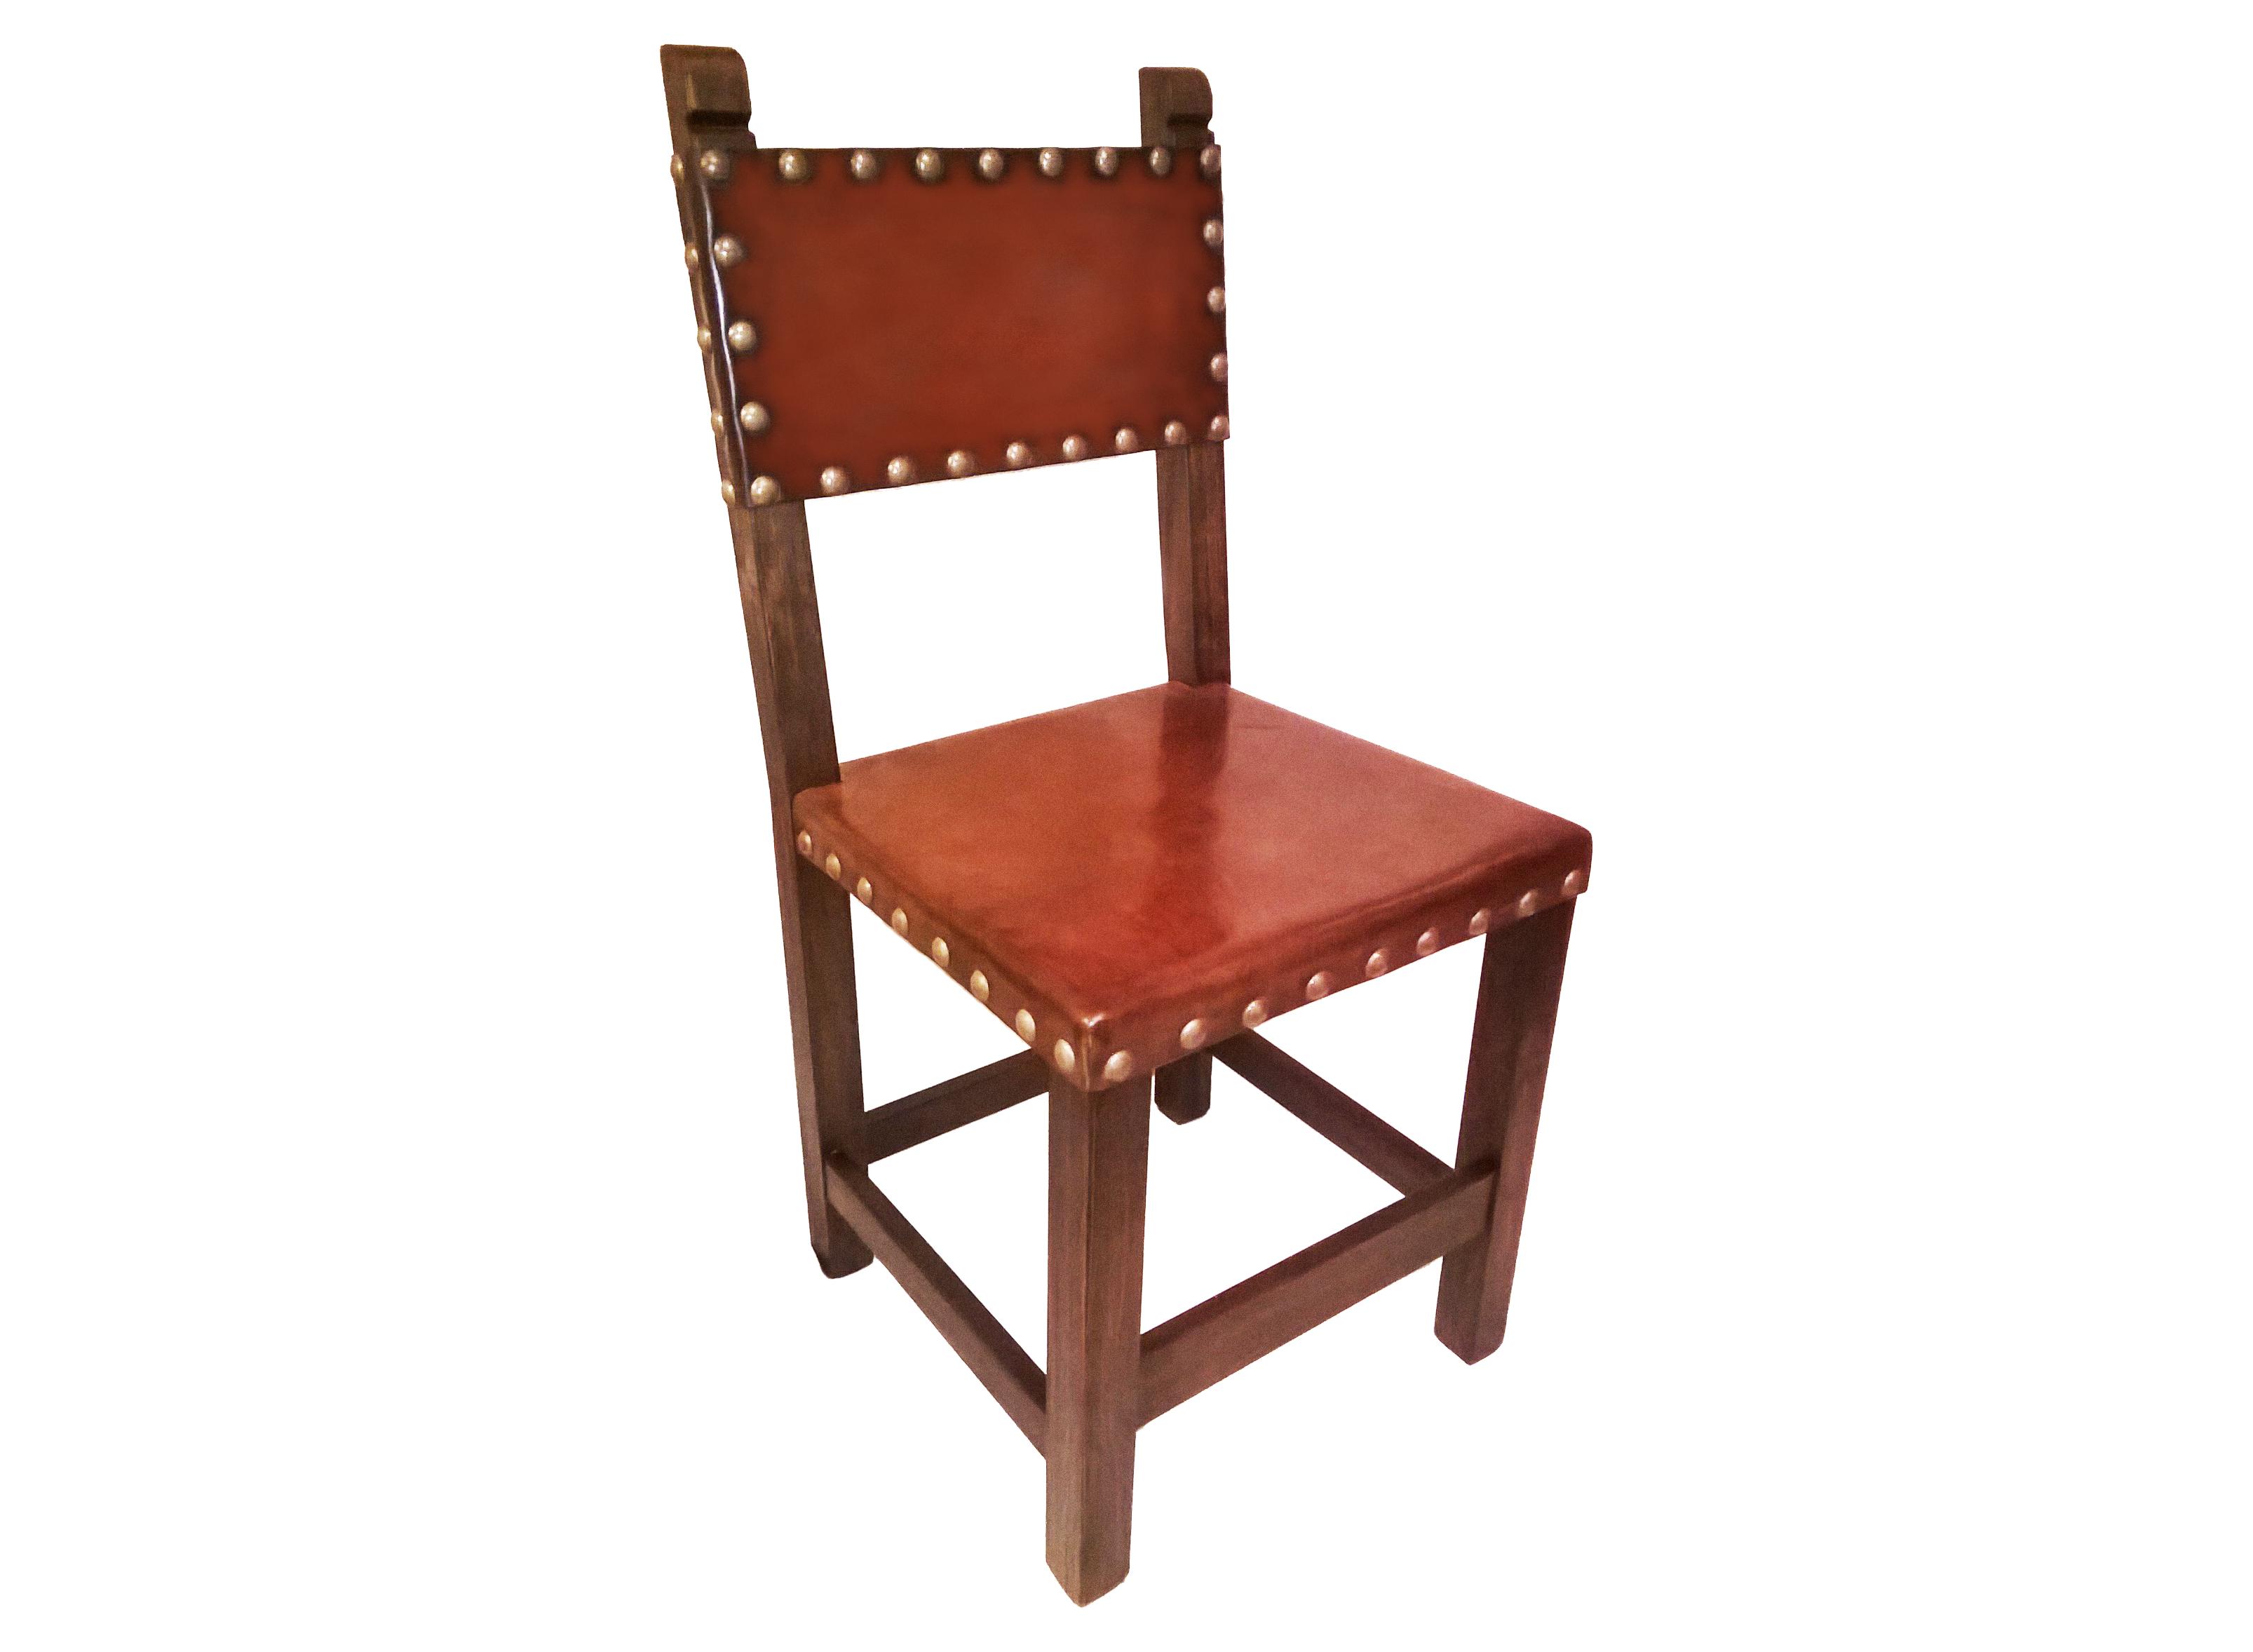 Sillas comedor cuero great sillas de comedor cantilever for Sillas comedor cuero blanco